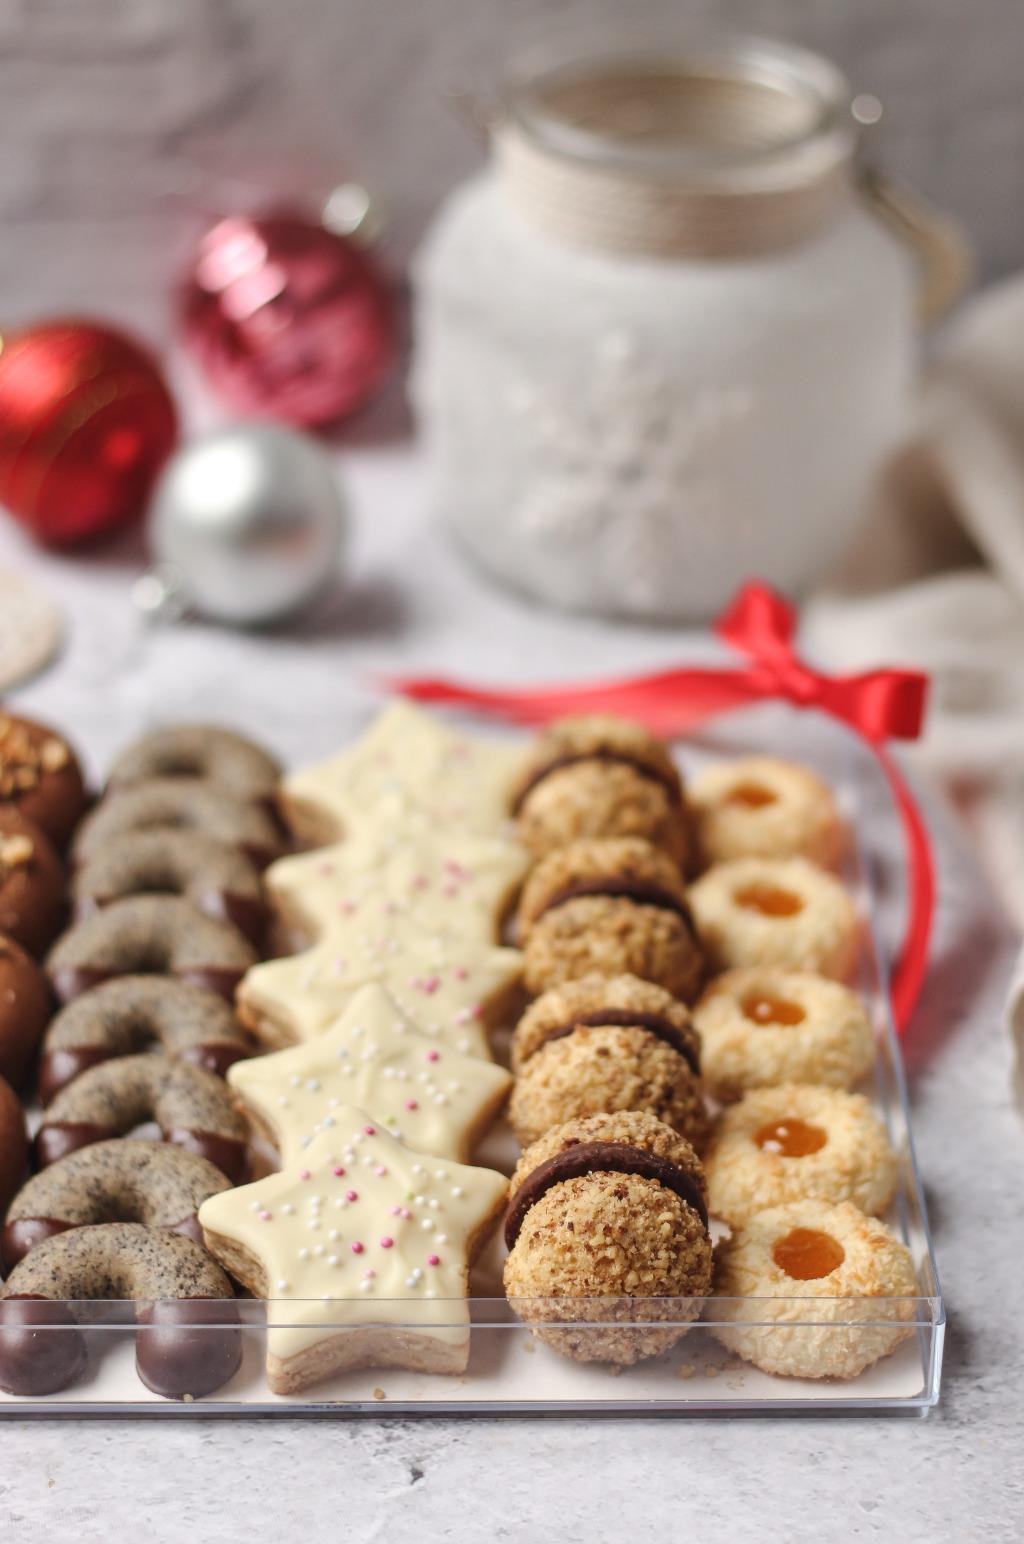 Božićni keksi - 5 vrsta 1